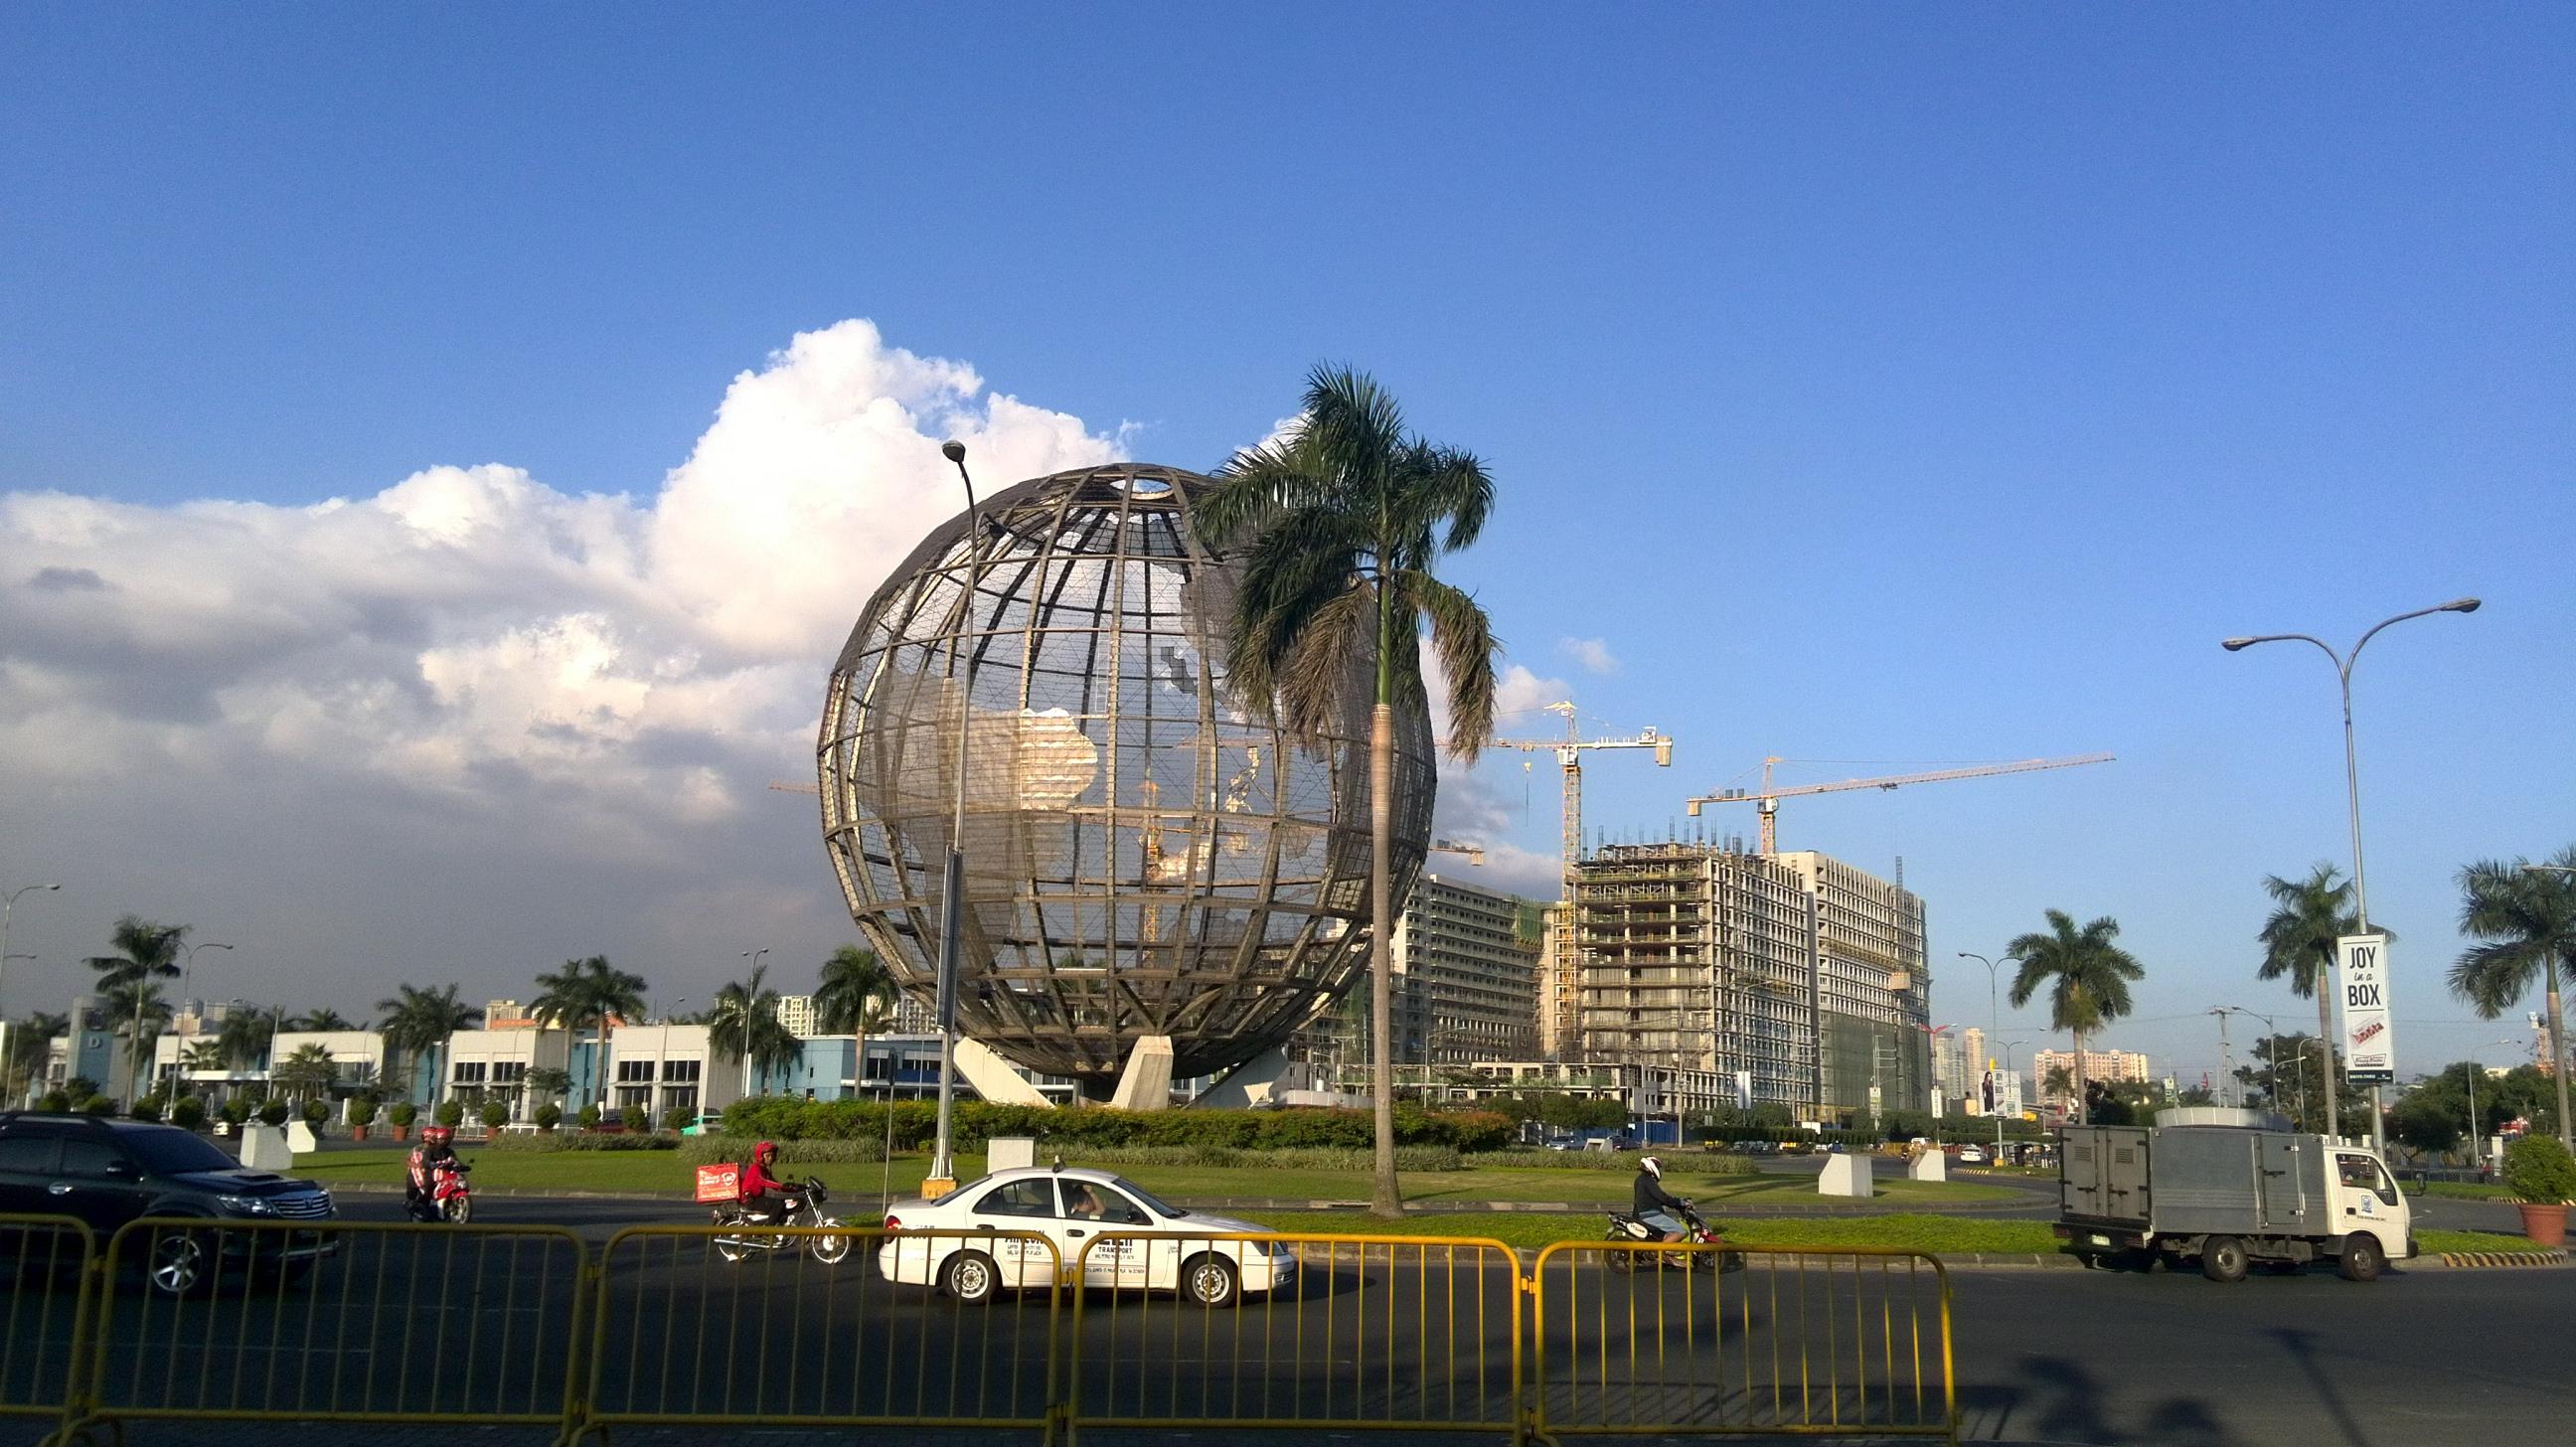 マニラ観光のおすすめスポット特選15!世界遺産や定番の名所まで!